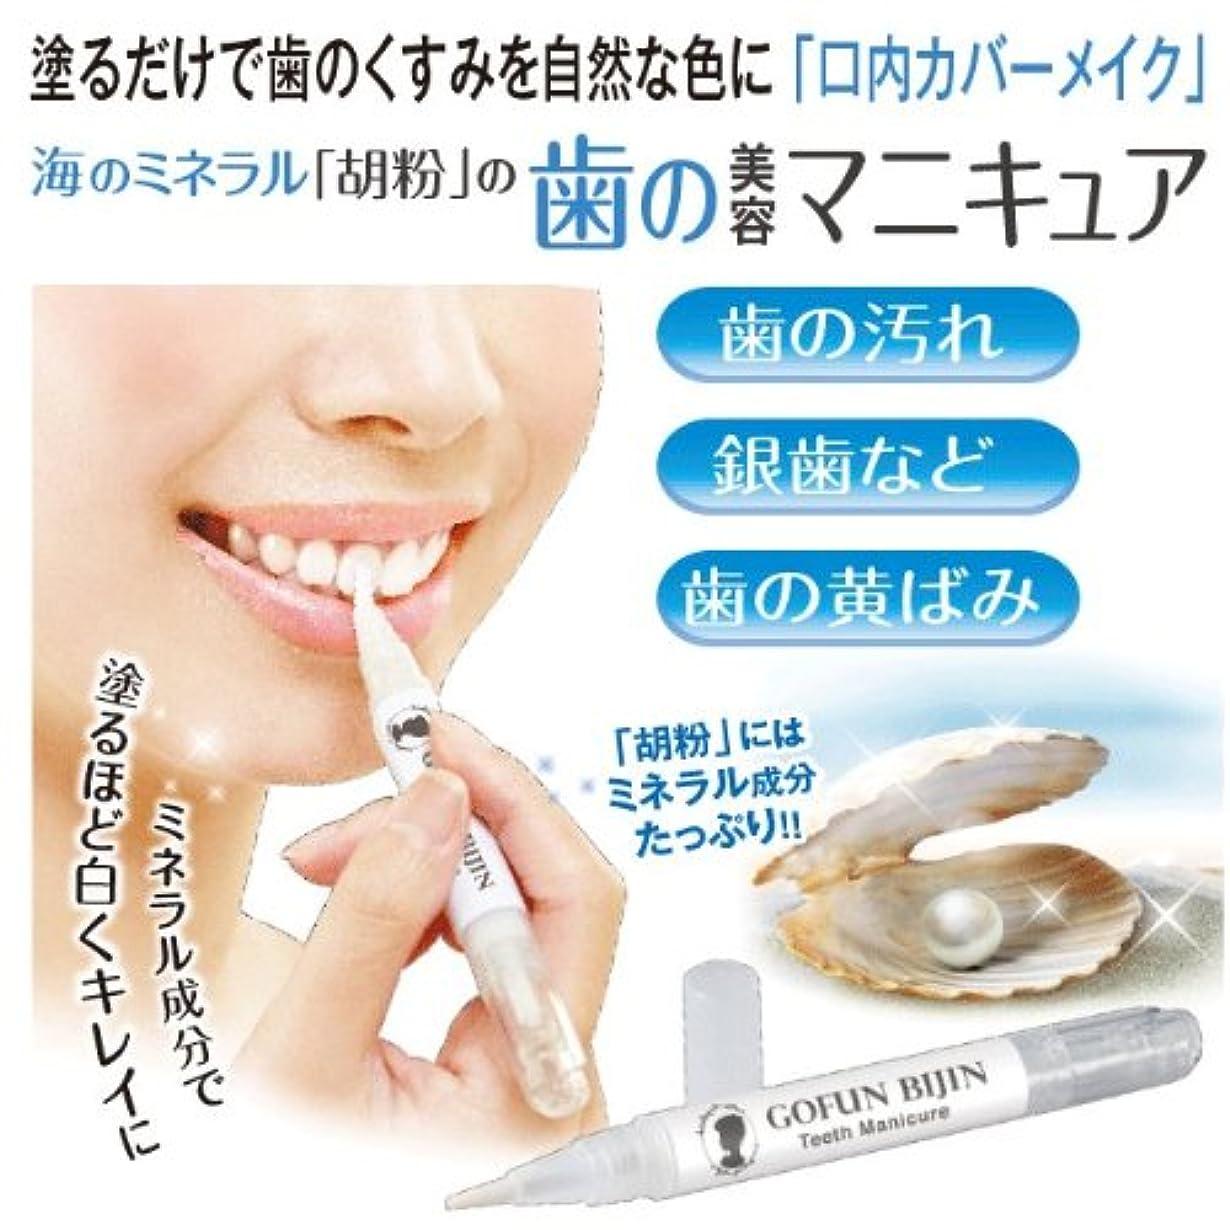 また明日ねペン優雅な胡粉美人 歯マニキュア 歯にミネラルを補給してキレイに